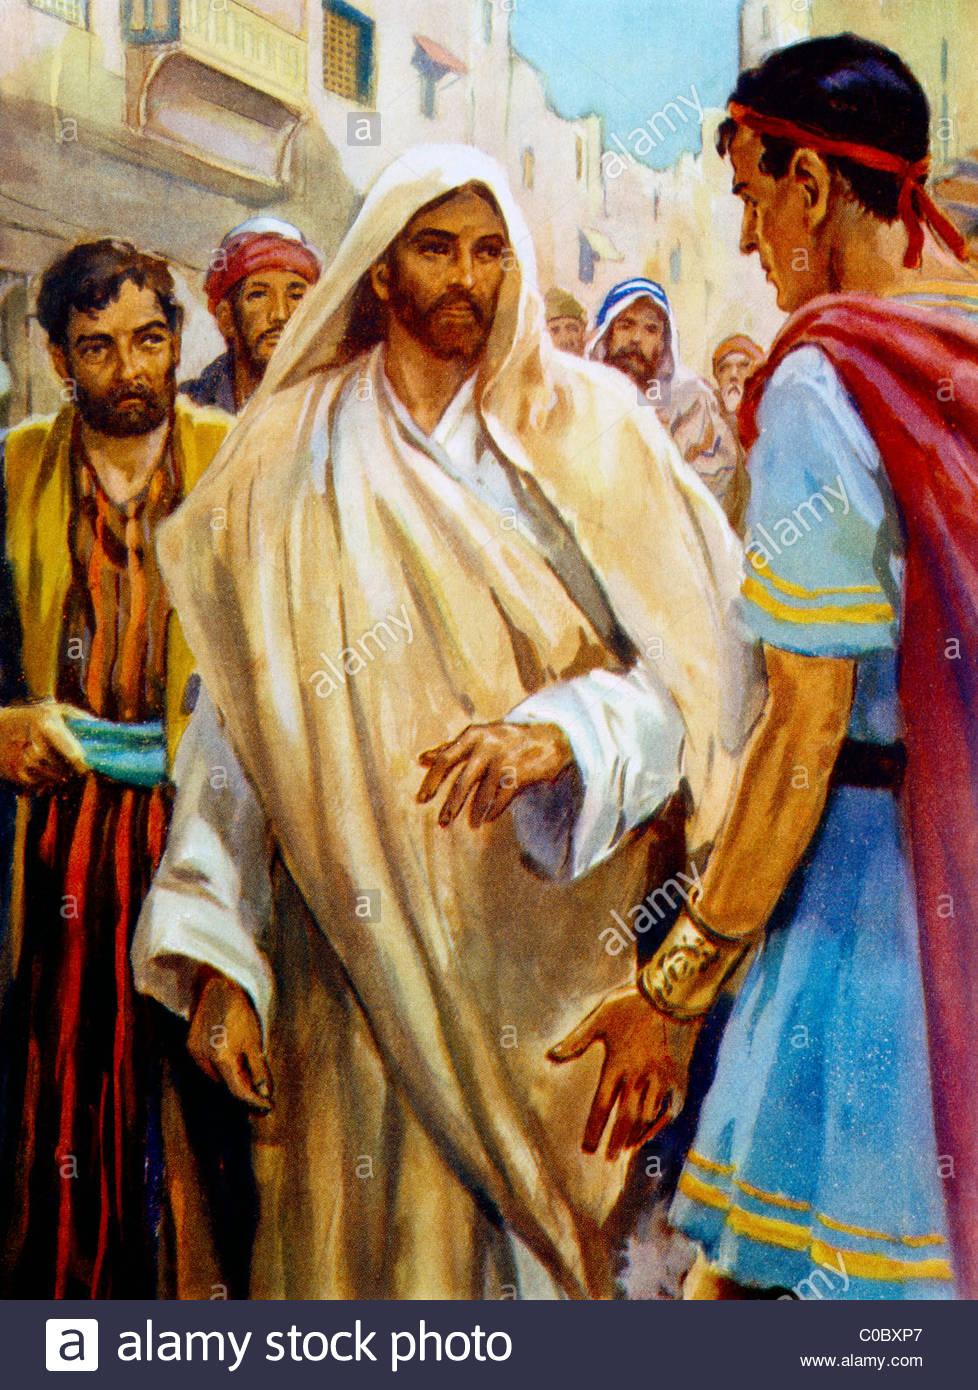 jesus-s-etonne-de-la-foi-du-centurion-par-henry-peinture-coller-bible-story-c0bxp7